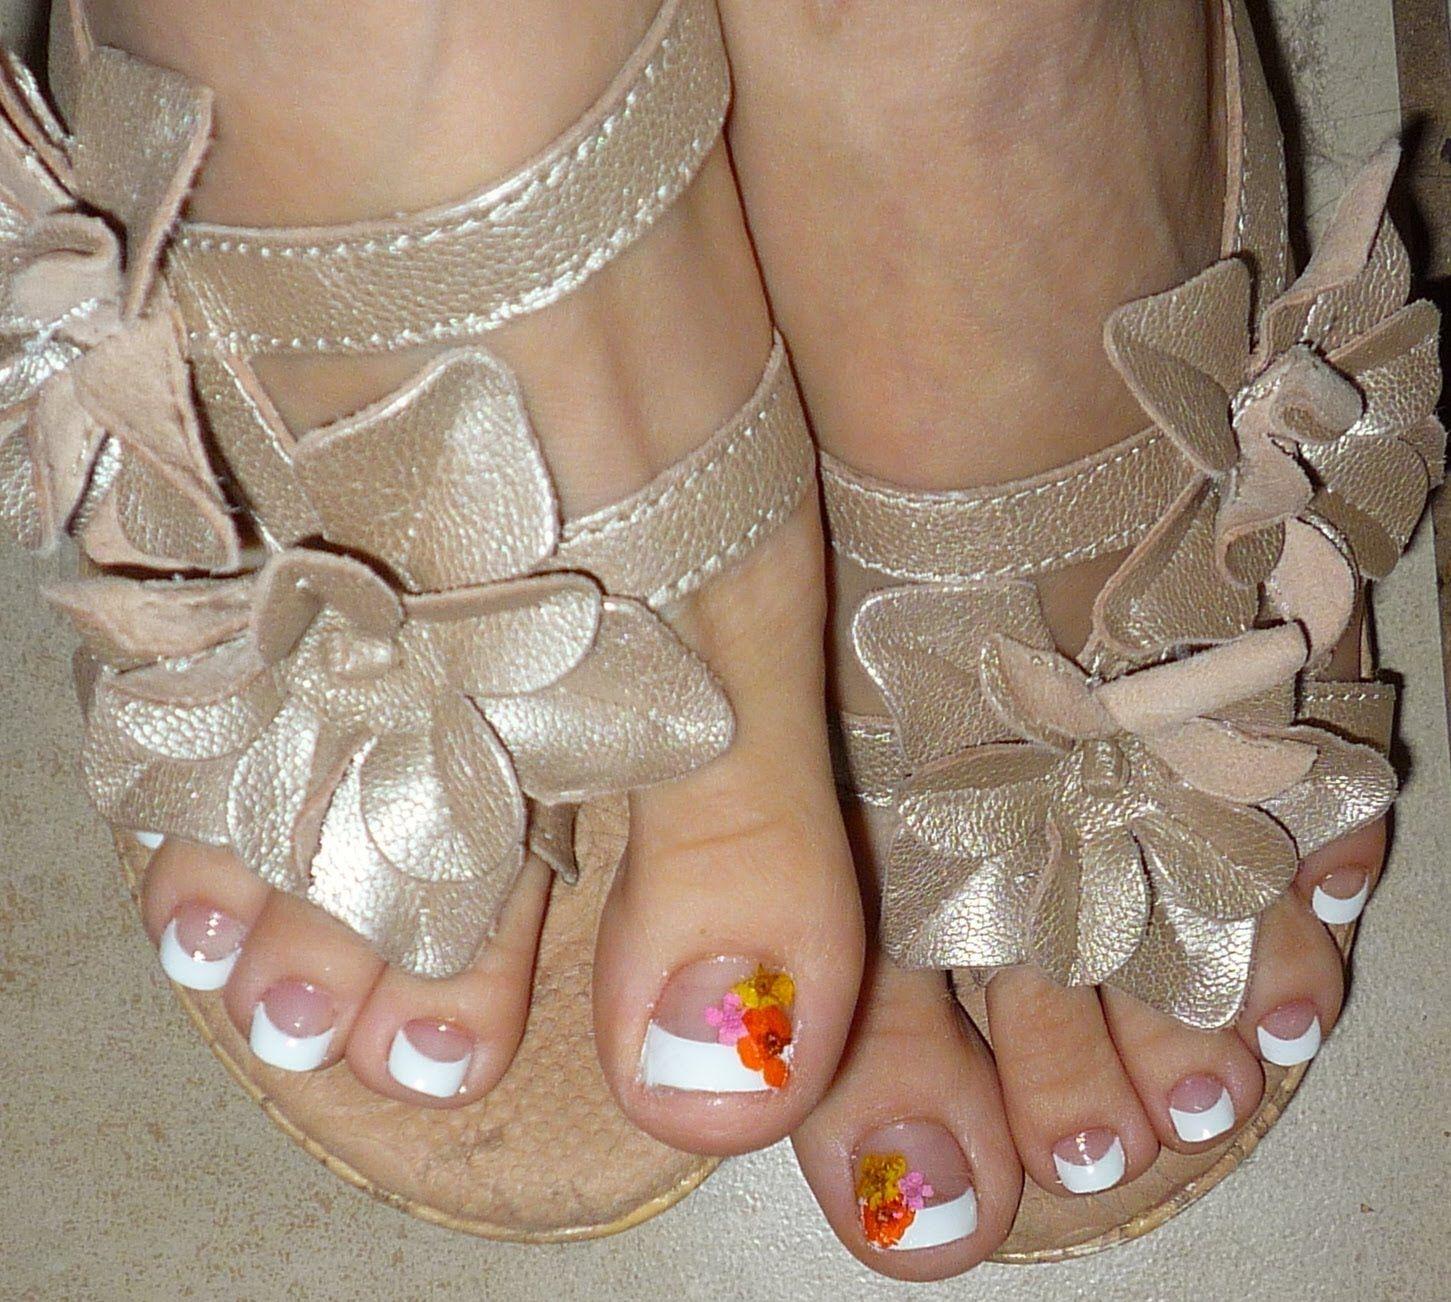 NailBlisspro Perfect French Toe Nails without Nail Polish | Makeup ...